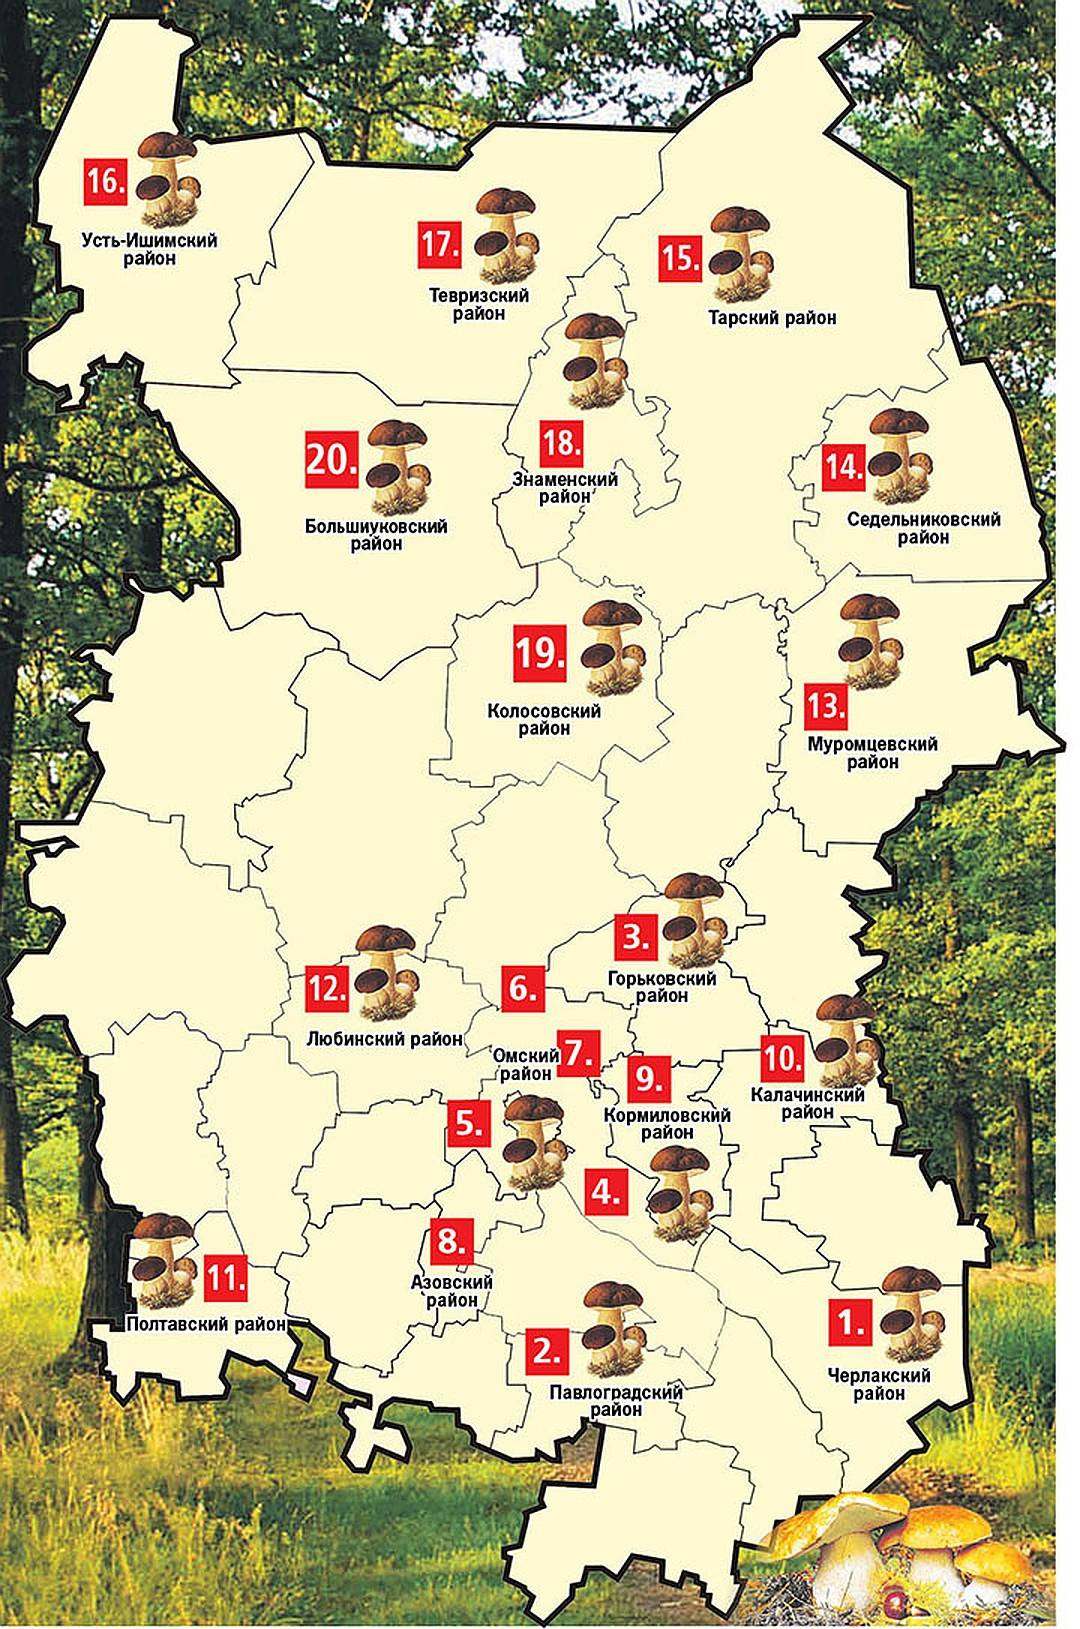 Грибы и грибные места 2020 ульяновской области